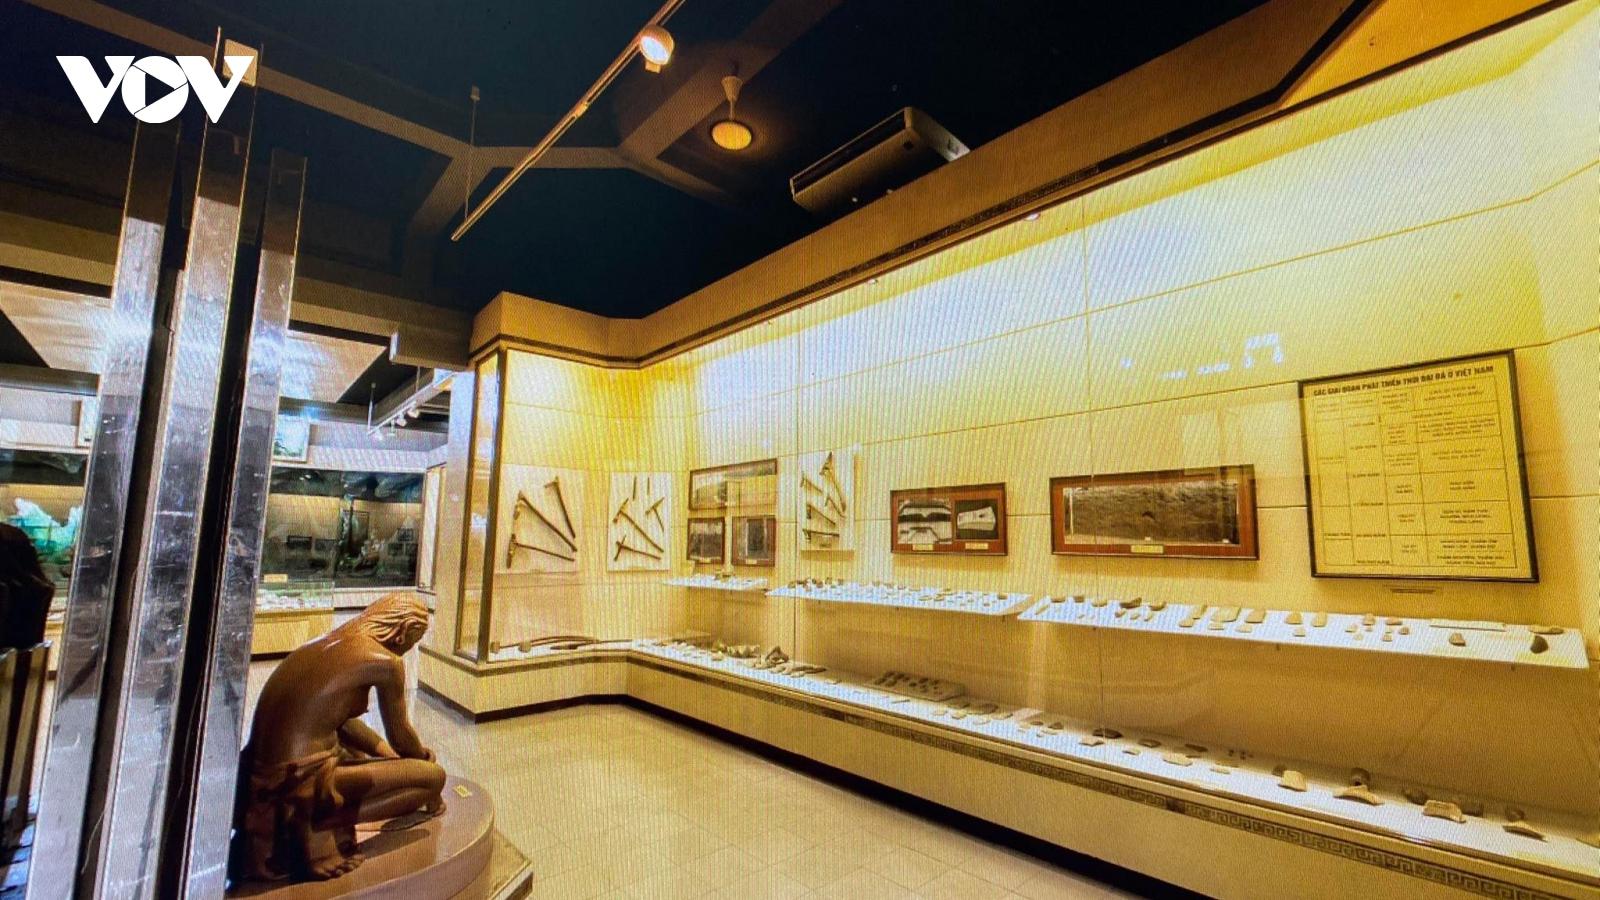 Ứng dụng công nghệ 3D tại Bảo tàng Lịch sử quốc gia